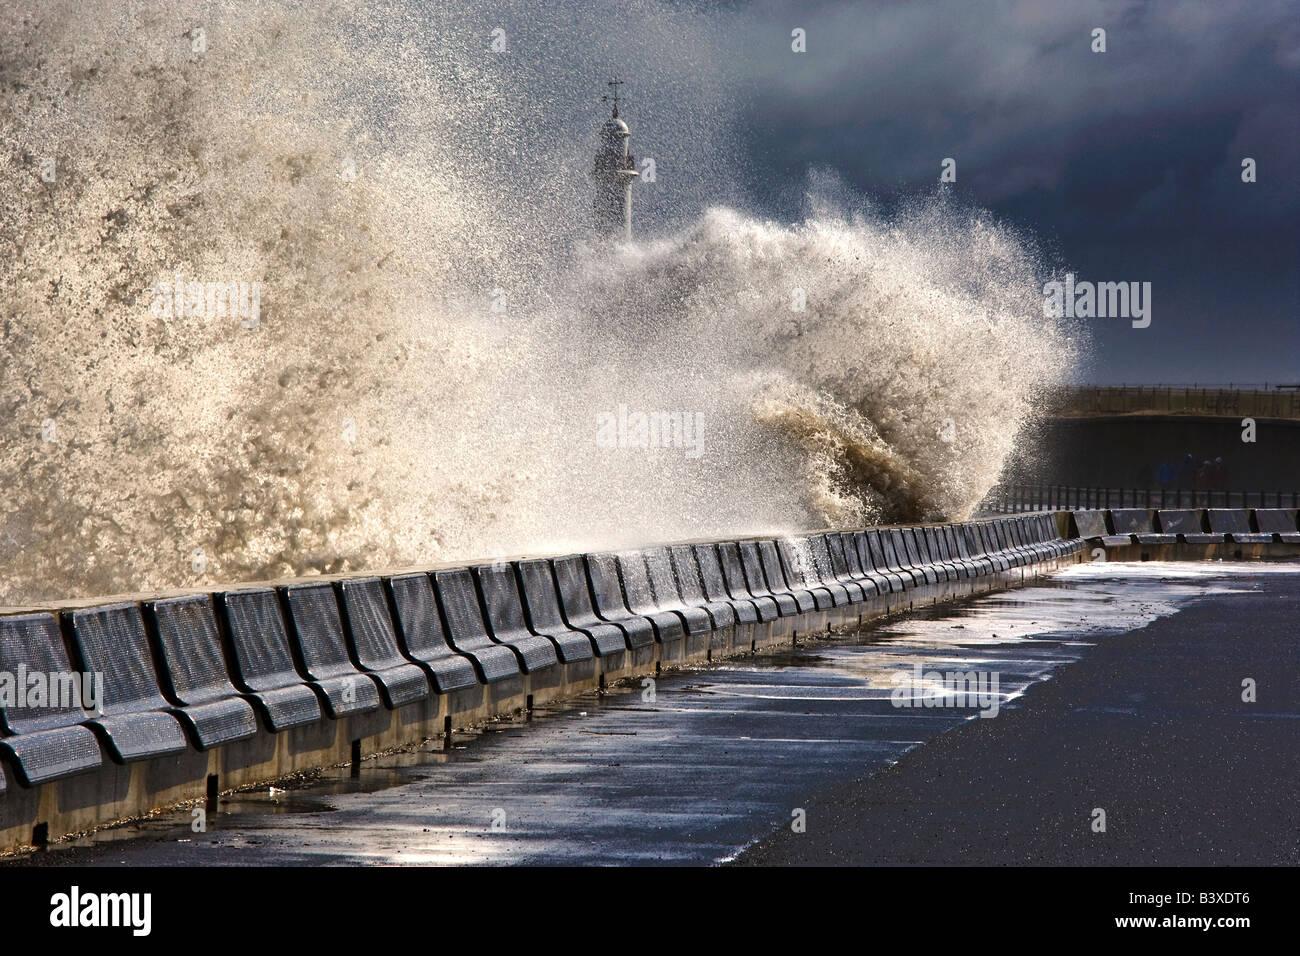 La frantumazione delle onde contro la barriera, Sunderland, Tyne and Wear, Inghilterra Immagini Stock